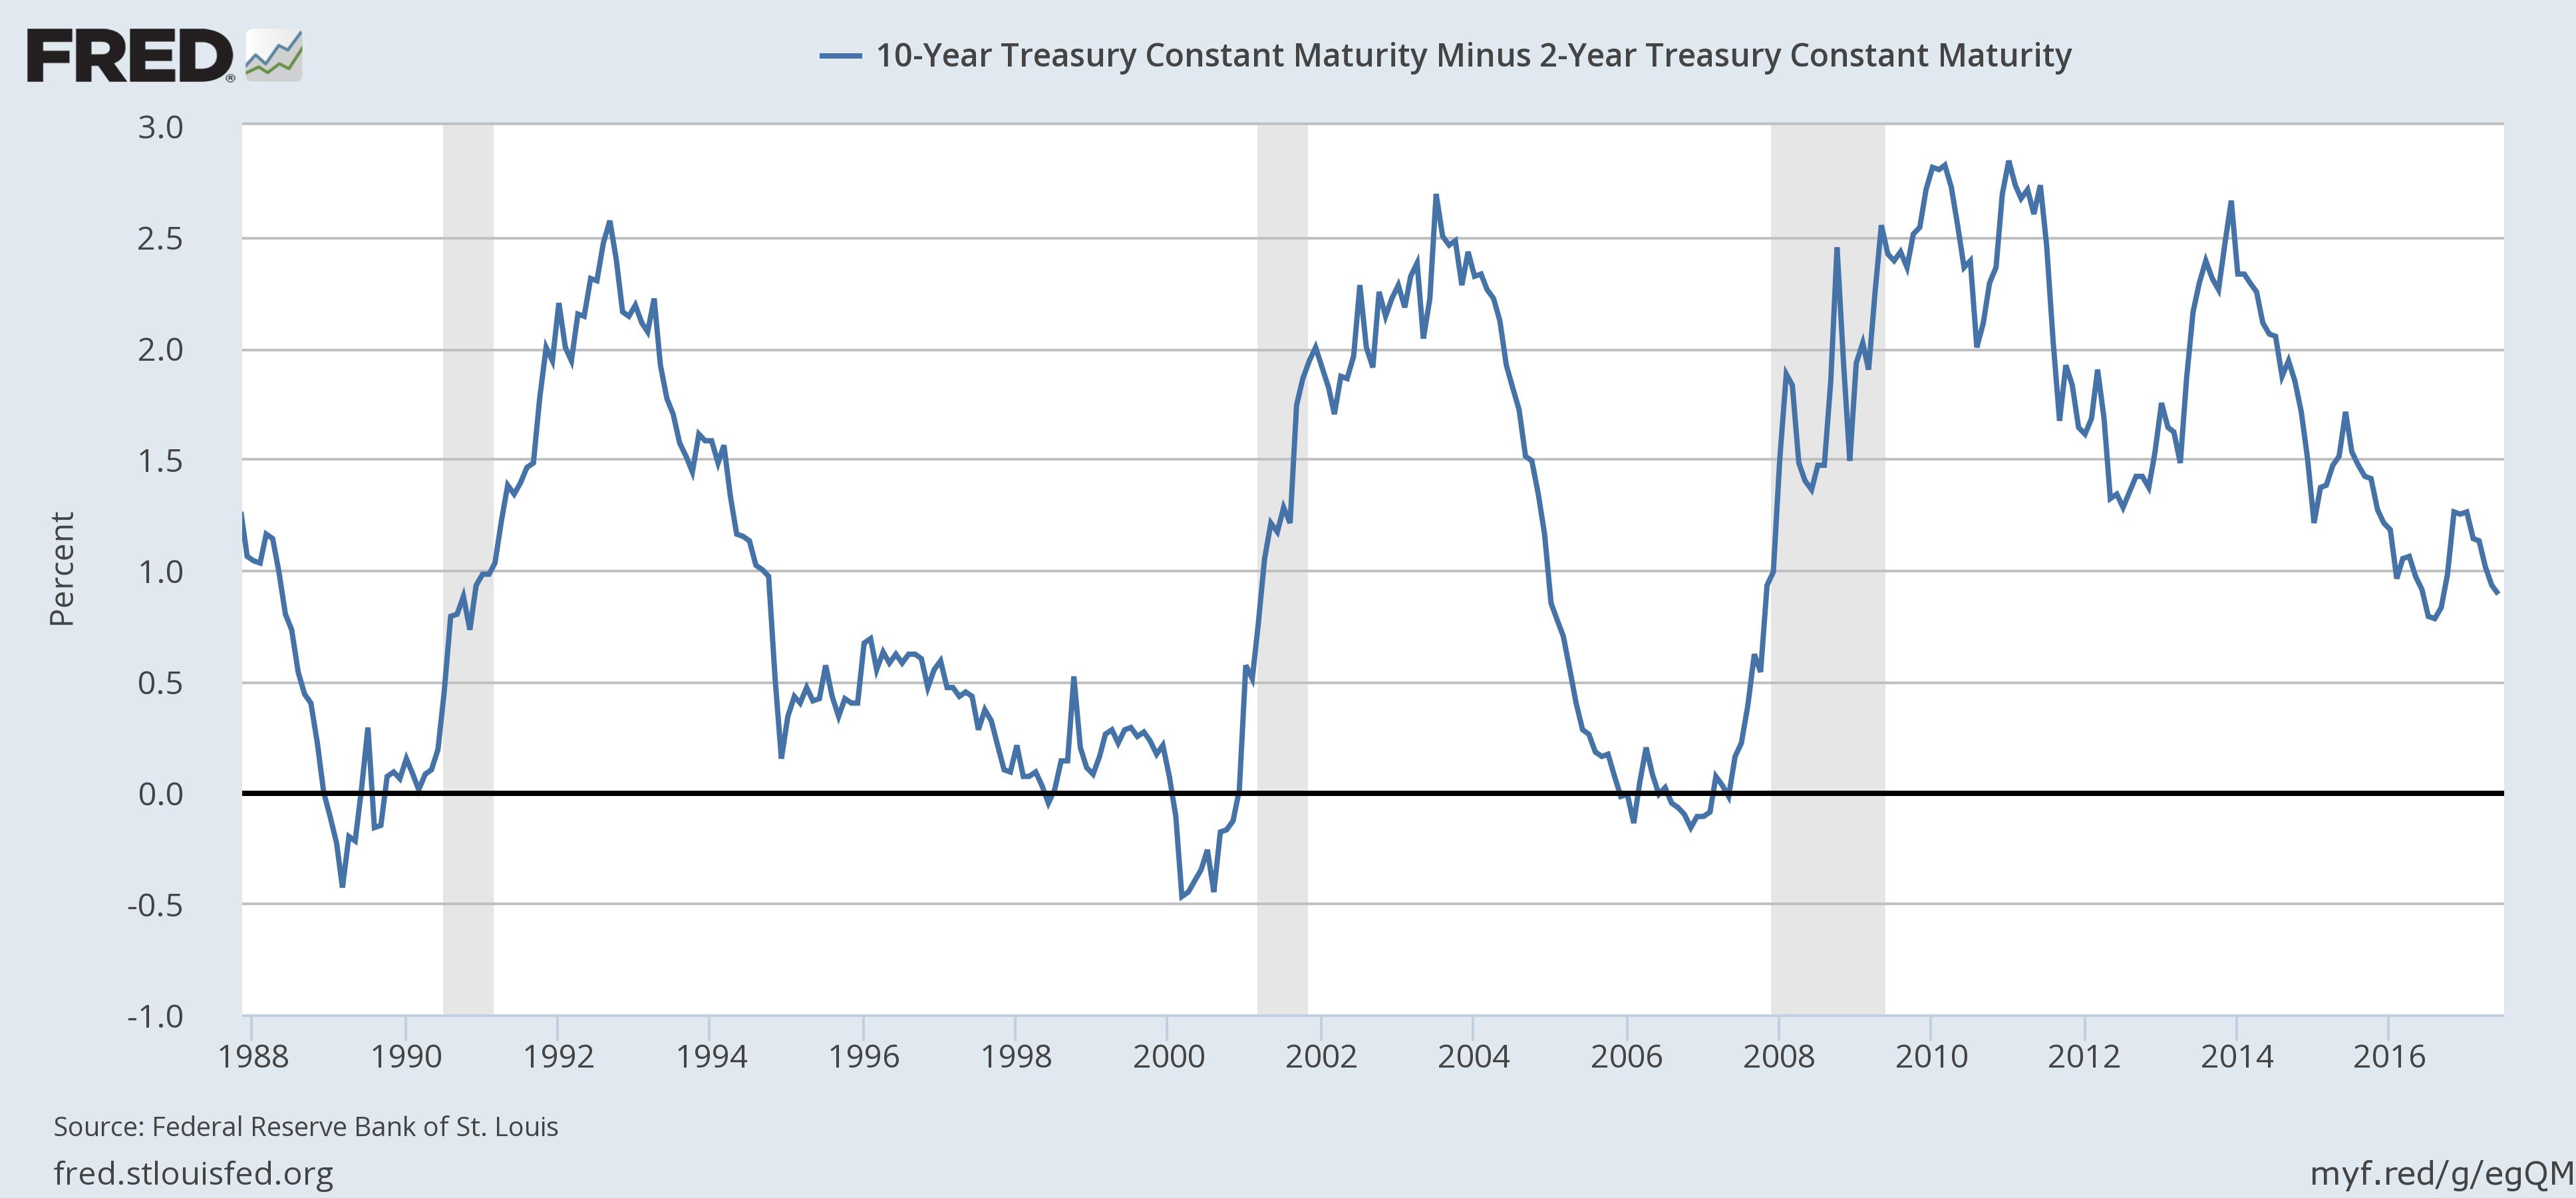 10 - Year Treasurt Constant Maturity Minus 2 - Year Treasury Constant Maturity